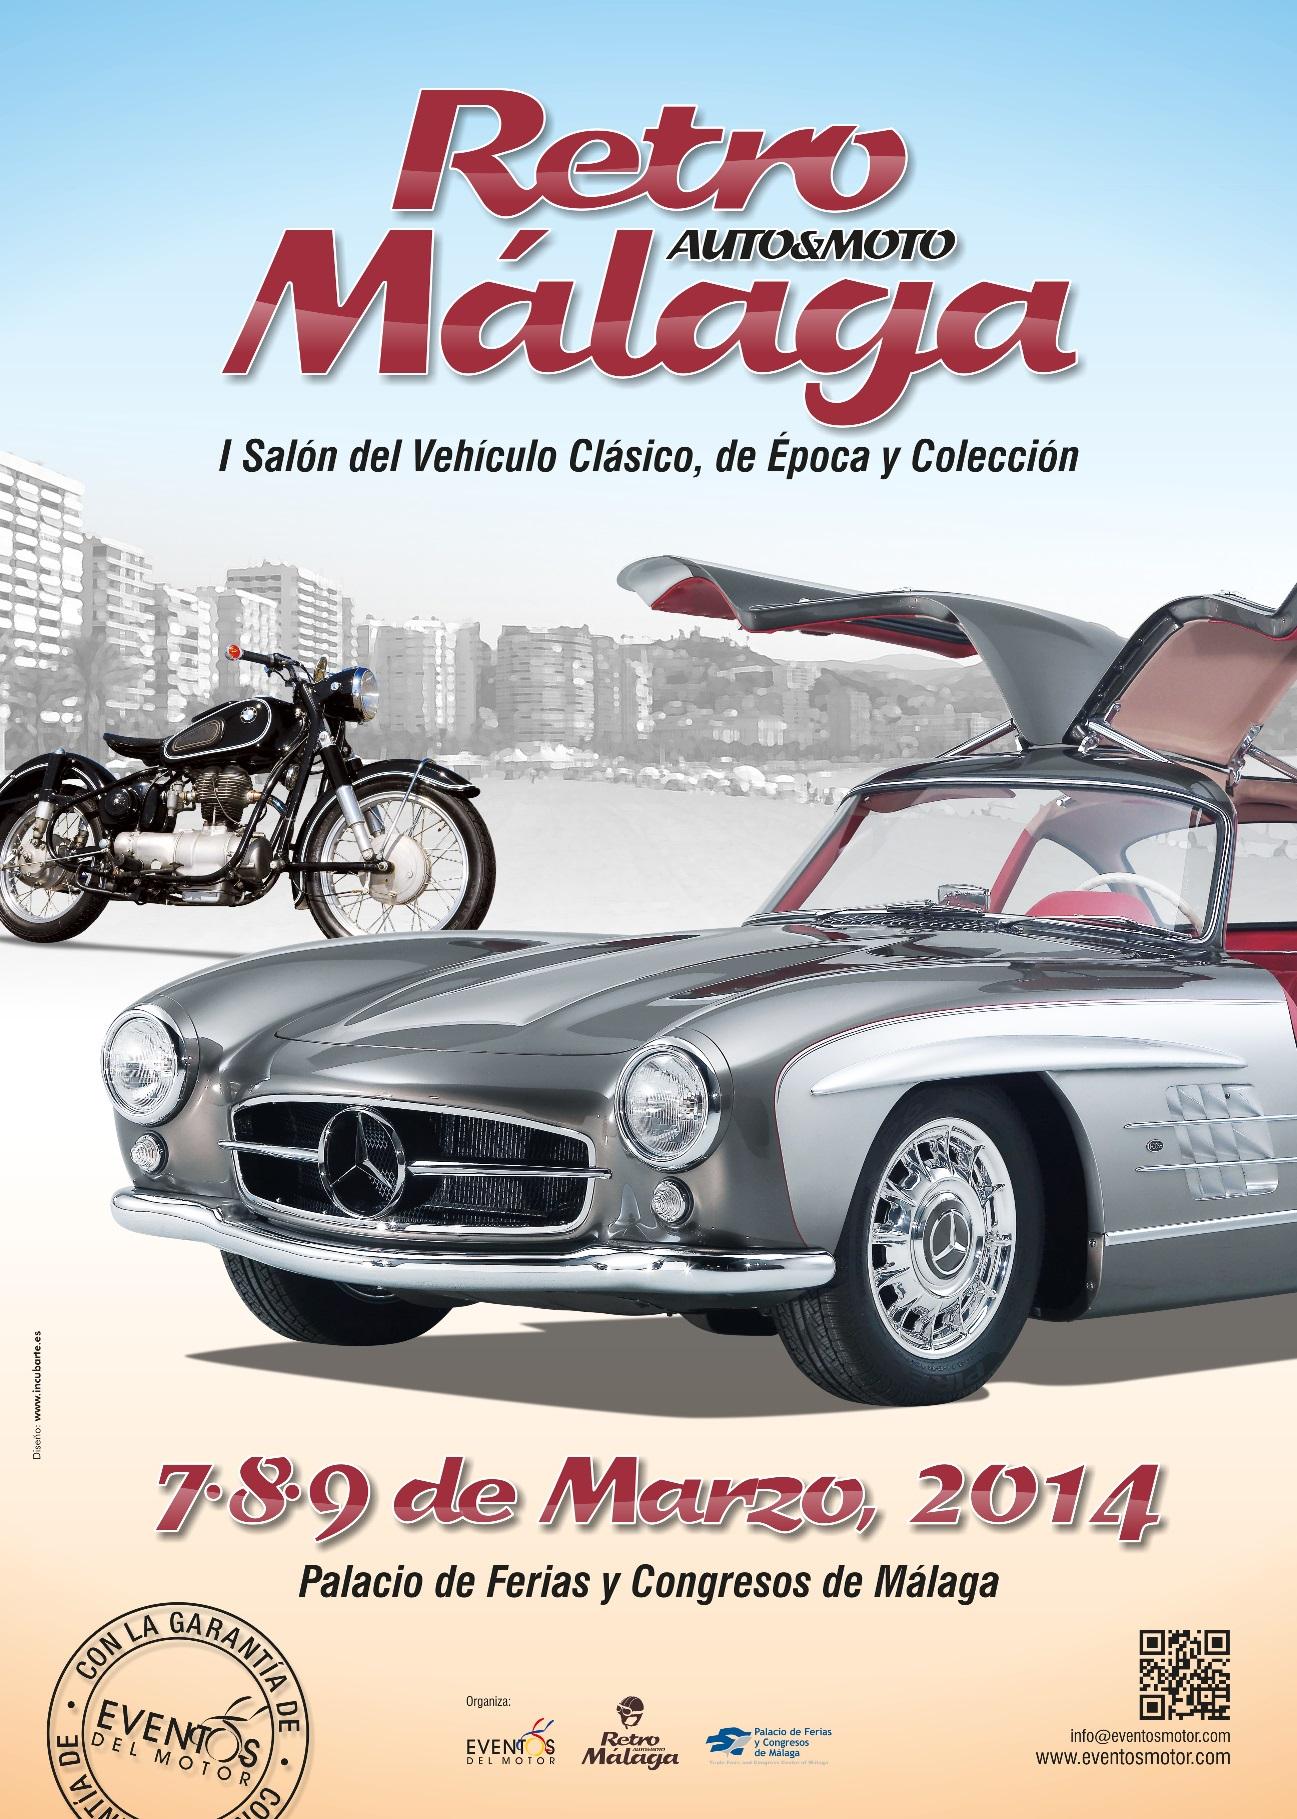 Automovil Retro Malaga